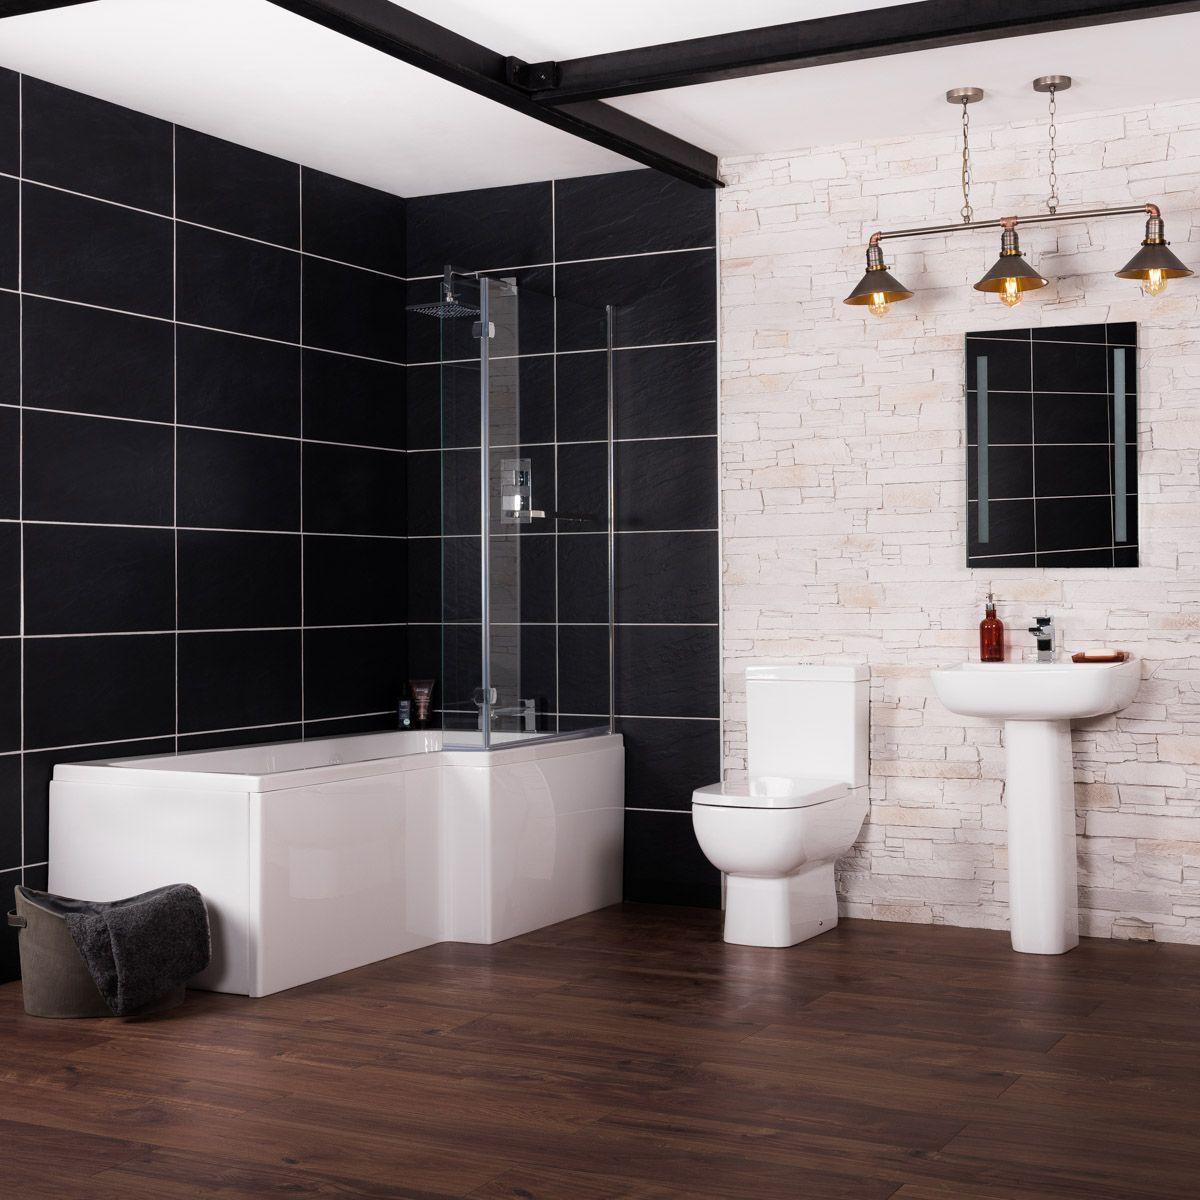 Hier Auch Noch Die Aufuhrung In L Form Badewanne Dusche Badezimmer